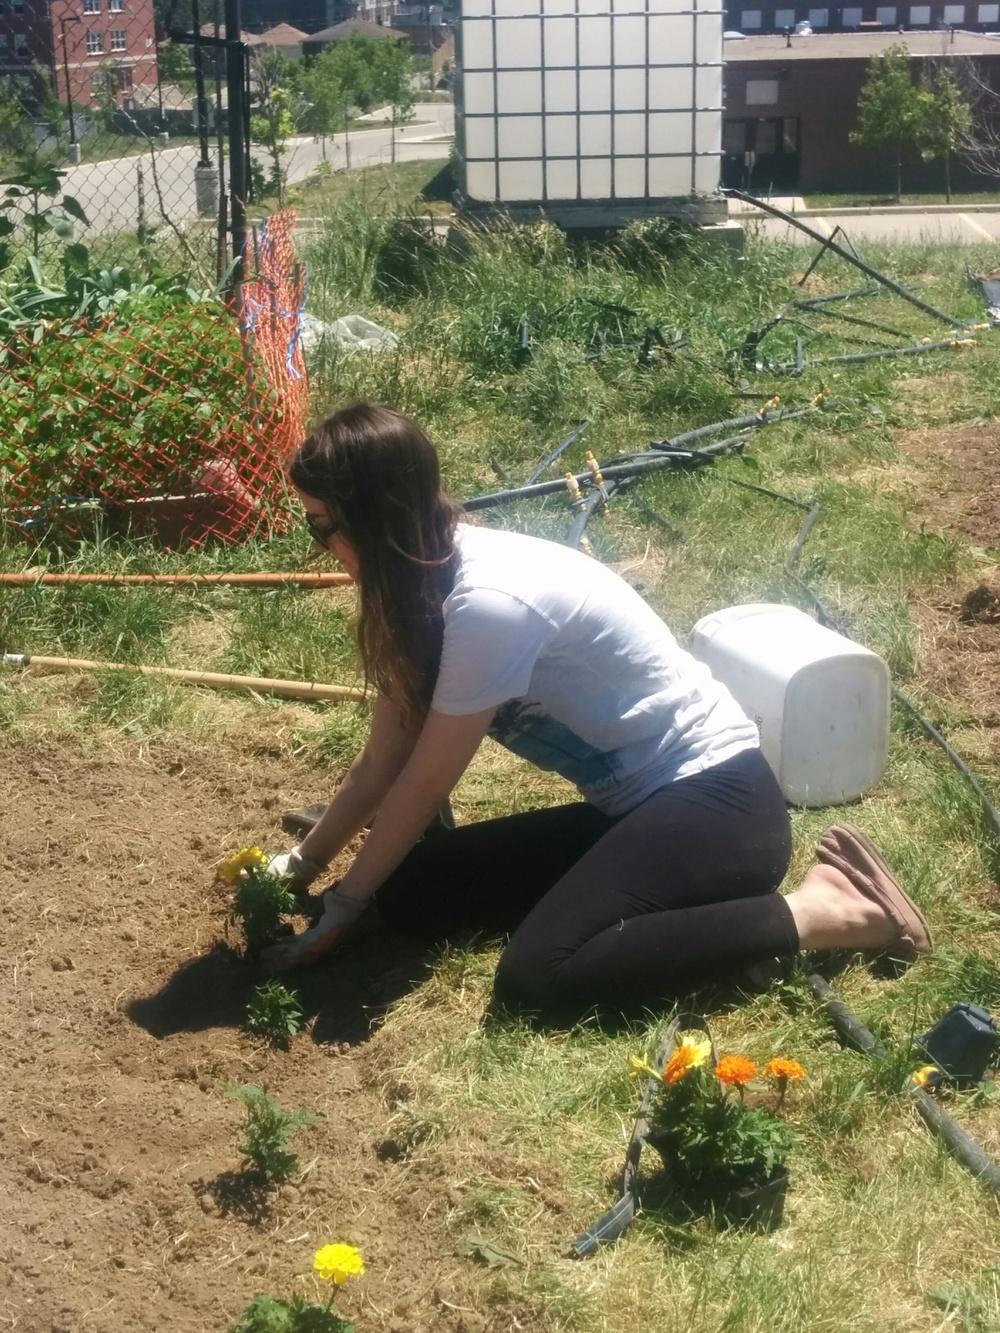 062216_Rebecca (Volunteer) Planting Marigolds.jpg